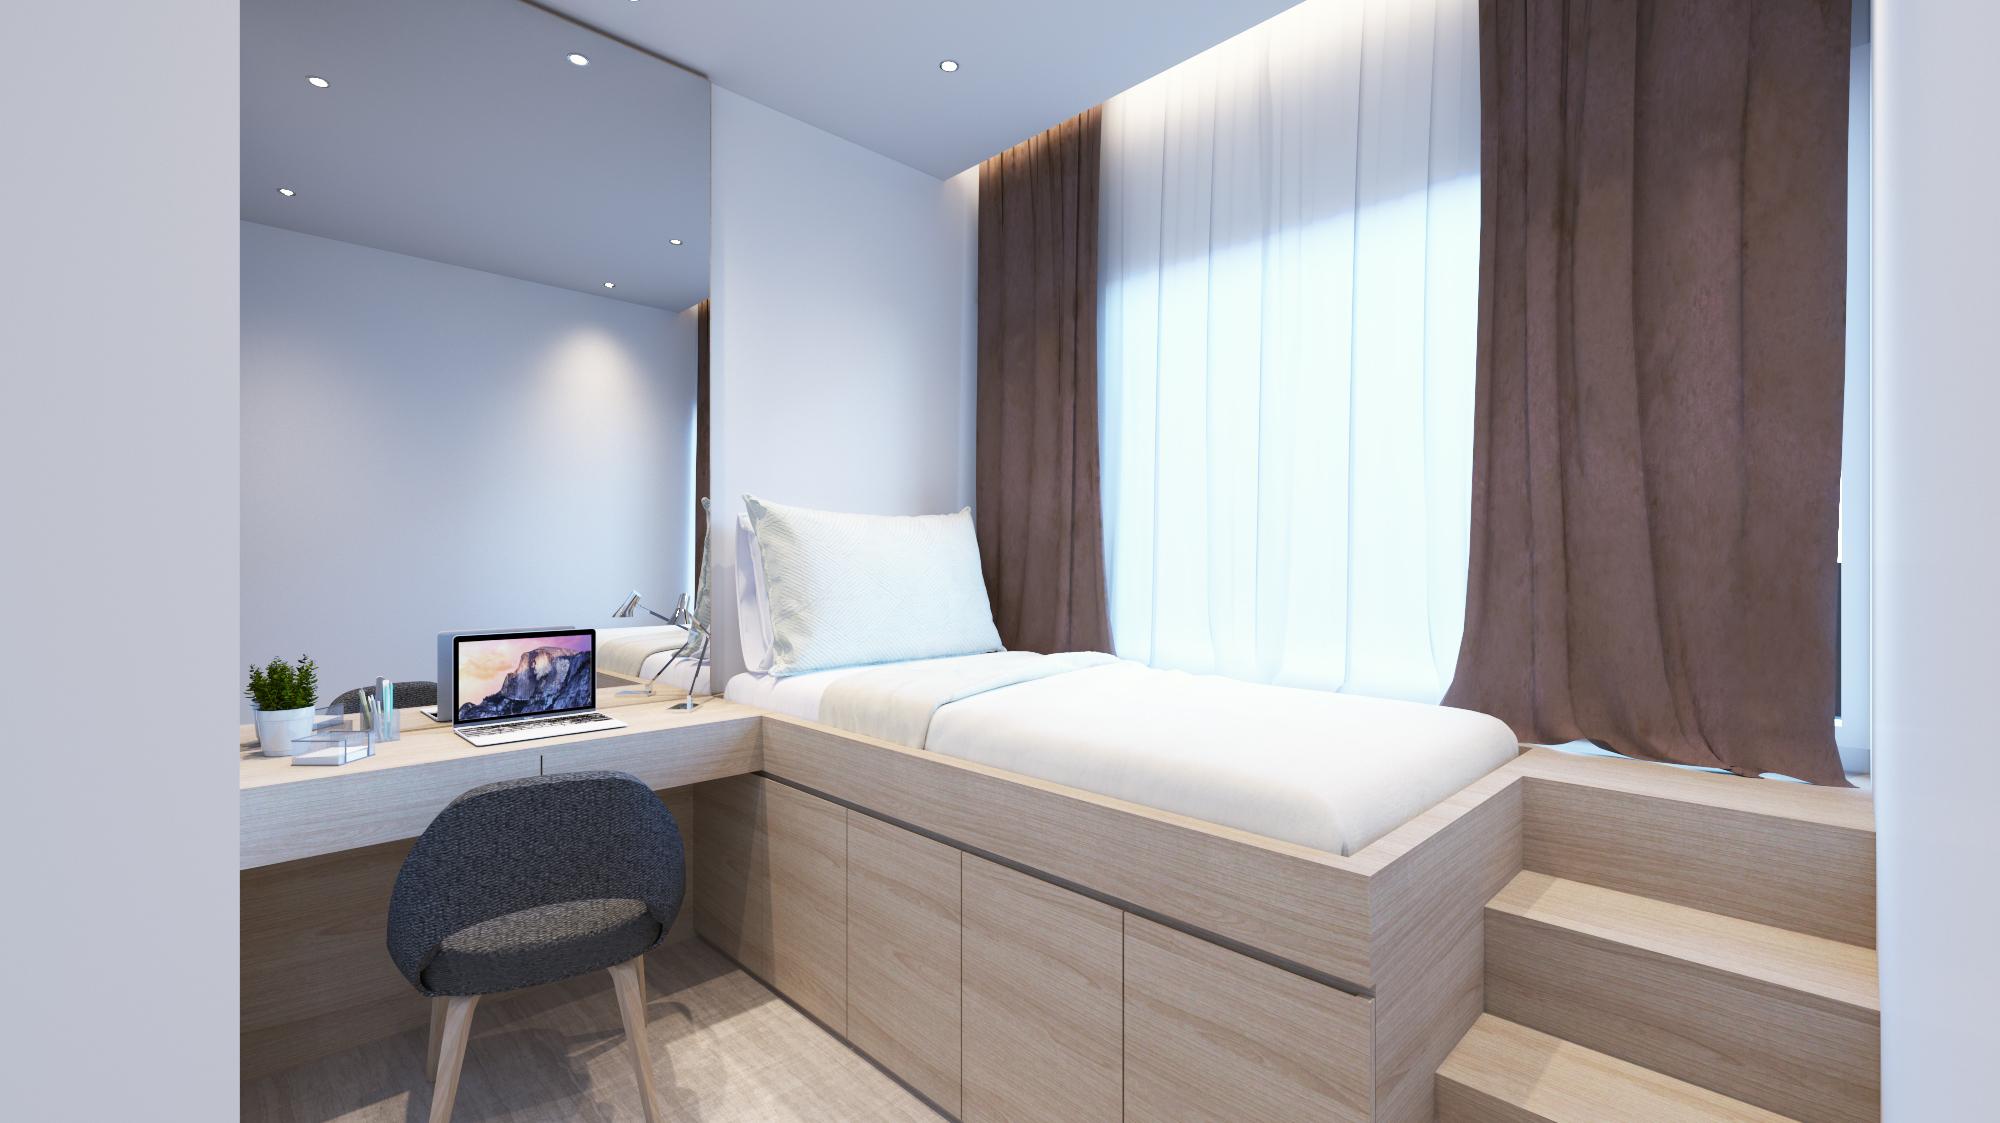 20160321 SG-APT 2-BED ROOM 3